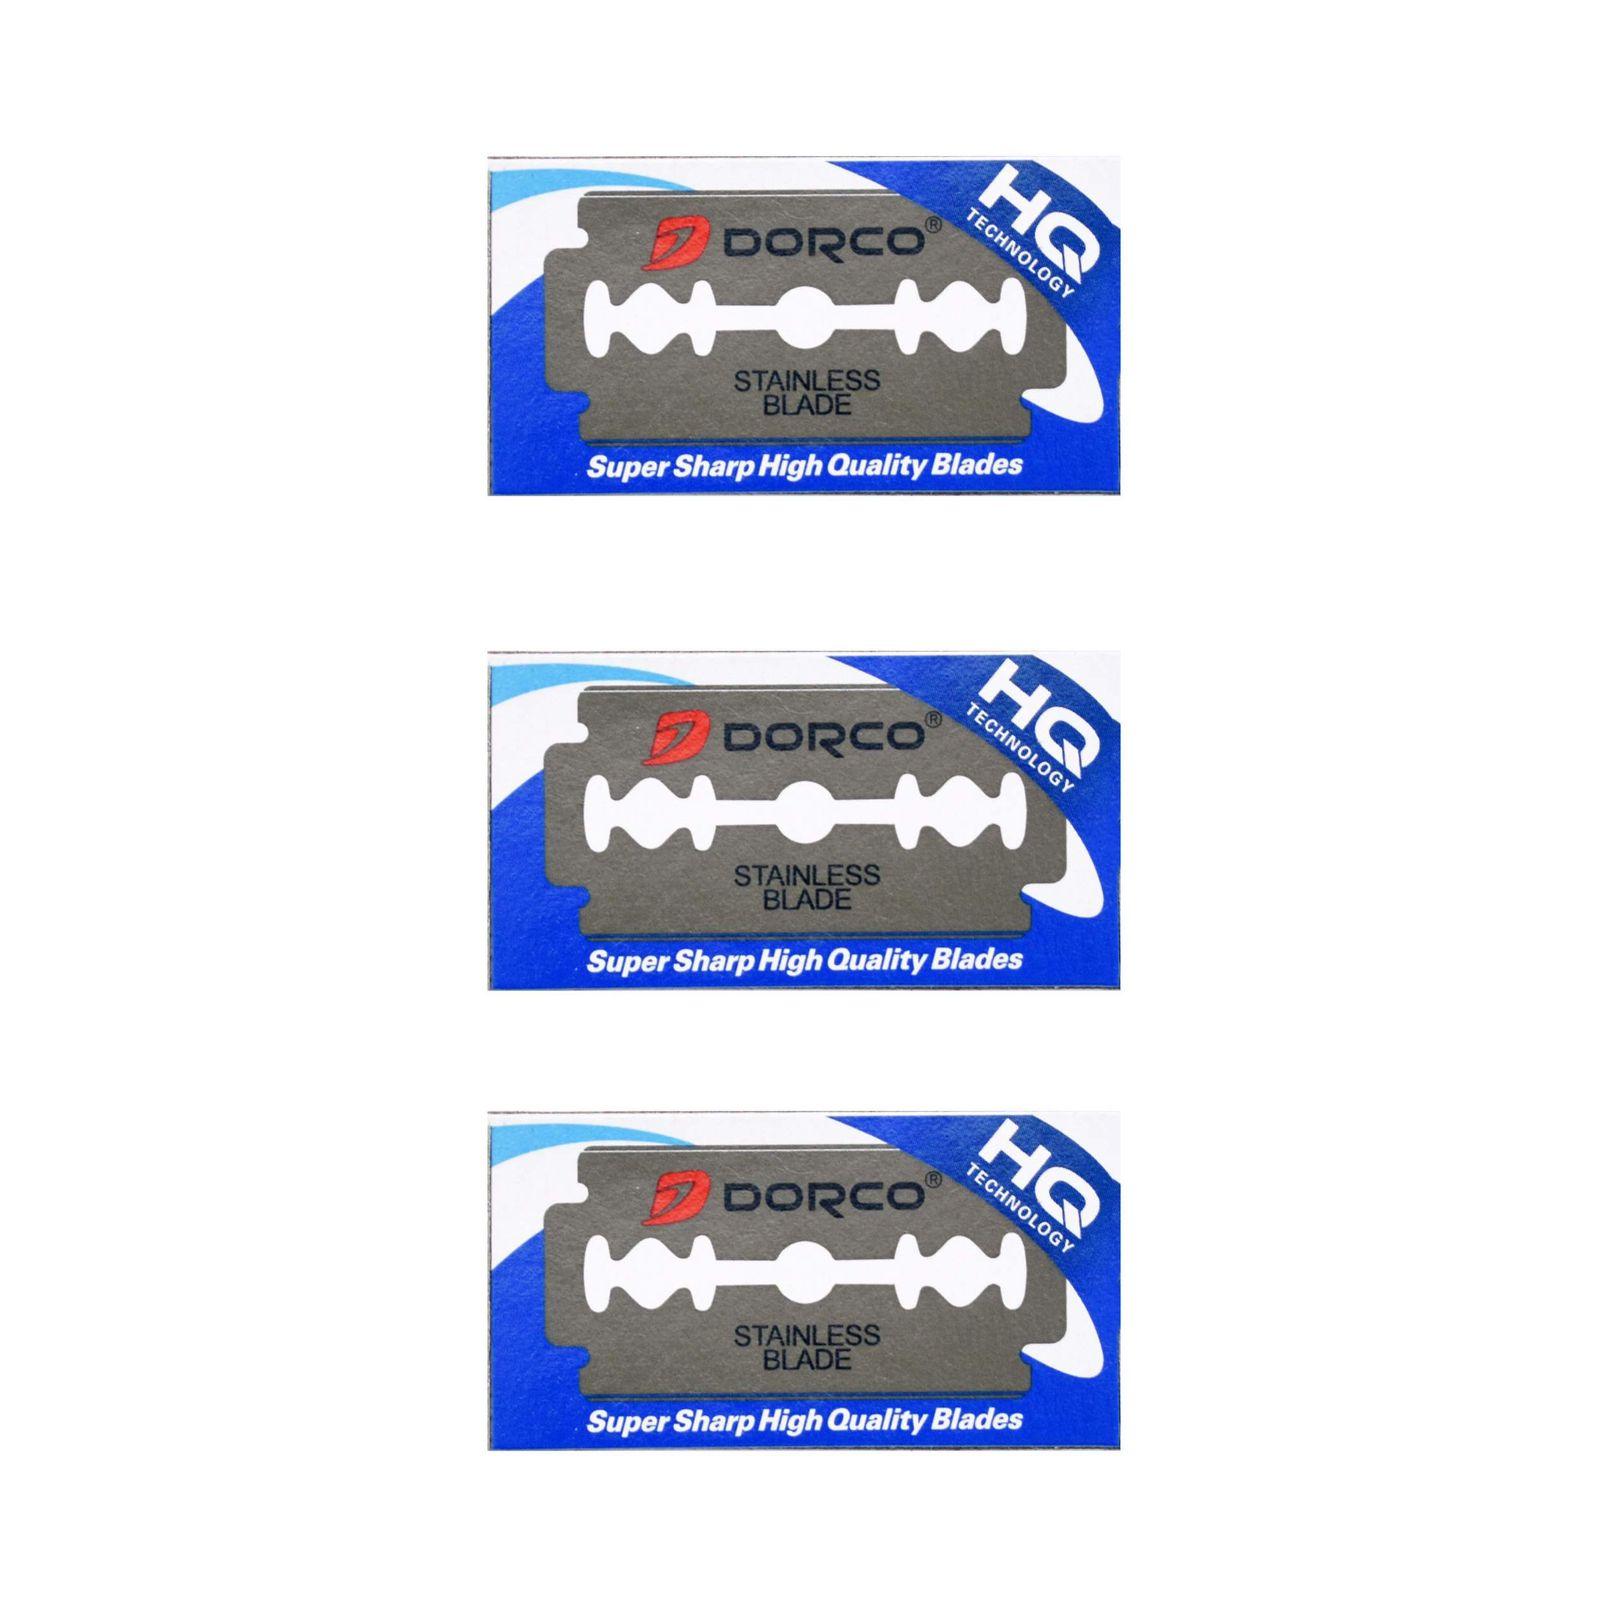 تیغ یدک دورکو مدل HQ-22 مجموعه 3 عددی -  - 2